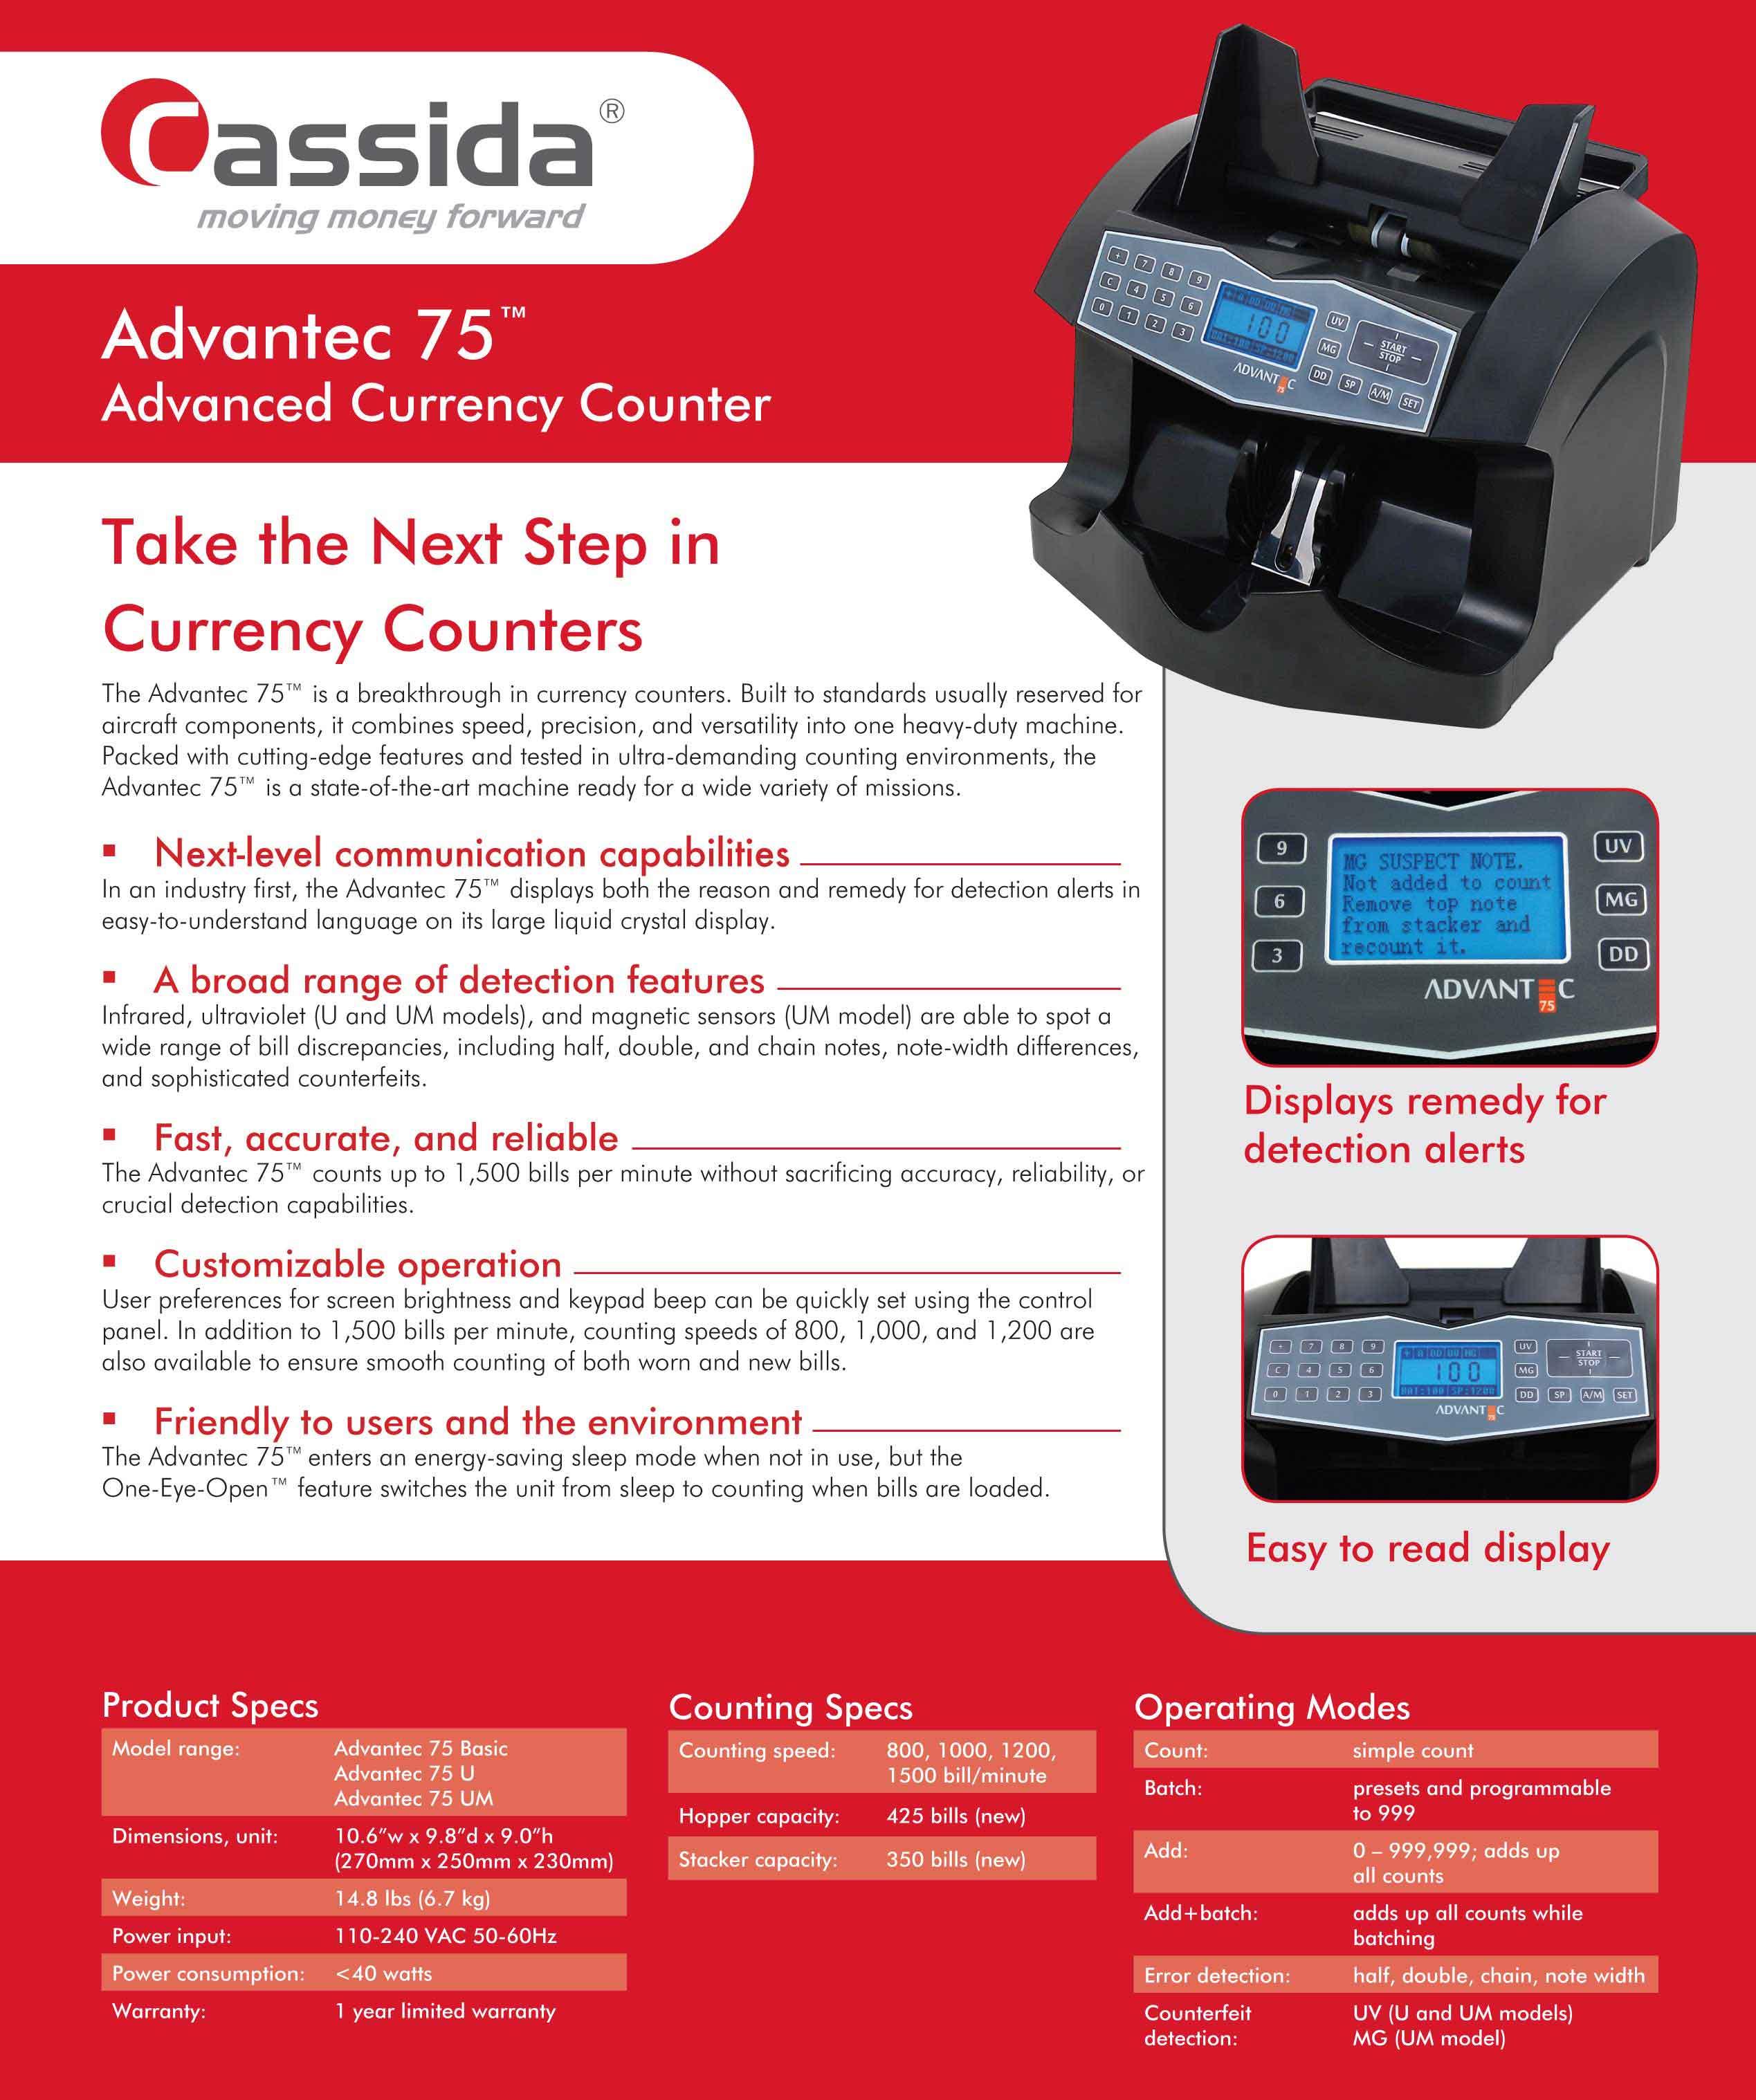 Cassida Advantec 75 Money Counter Brochure